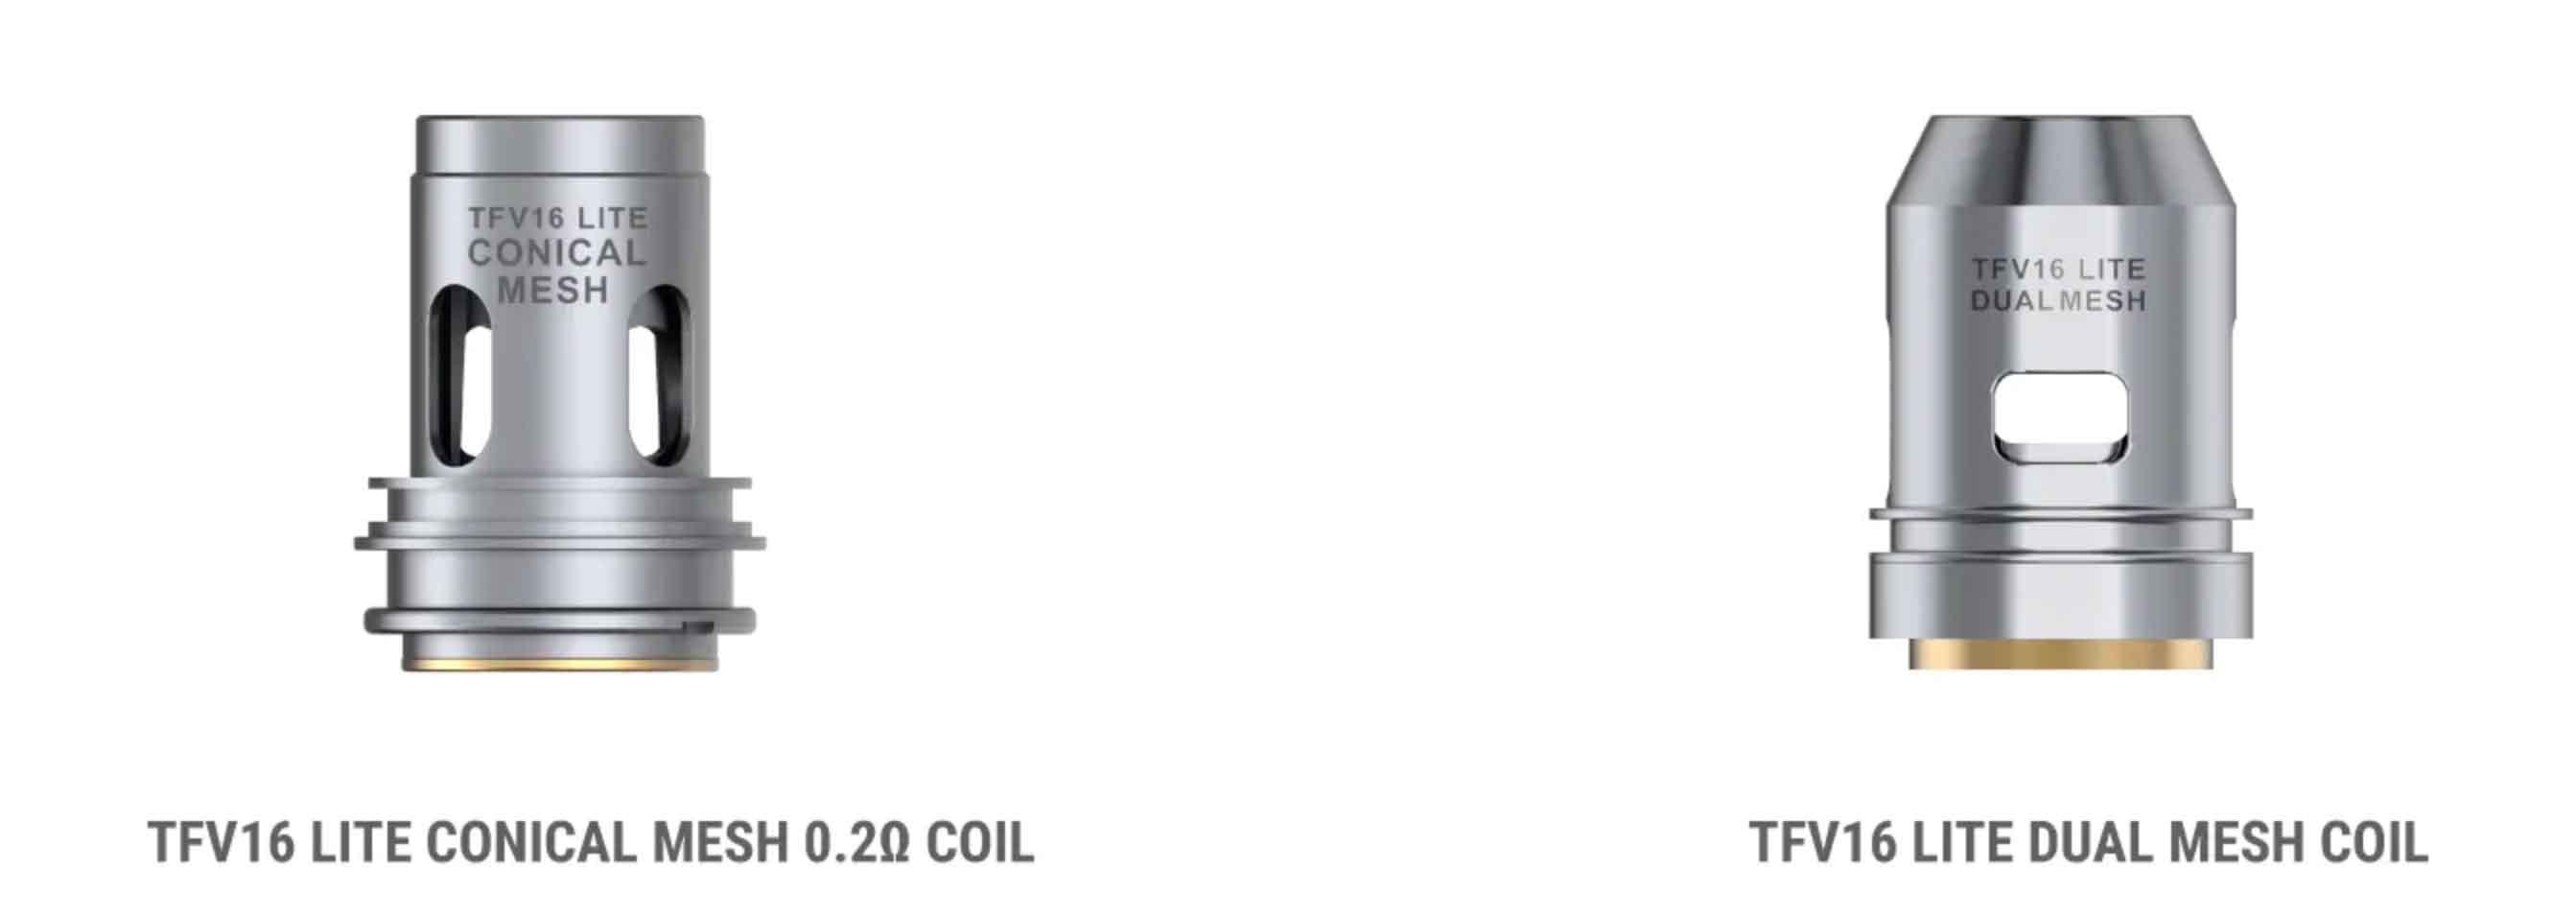 SMOK-TFV16-Lite-Coils